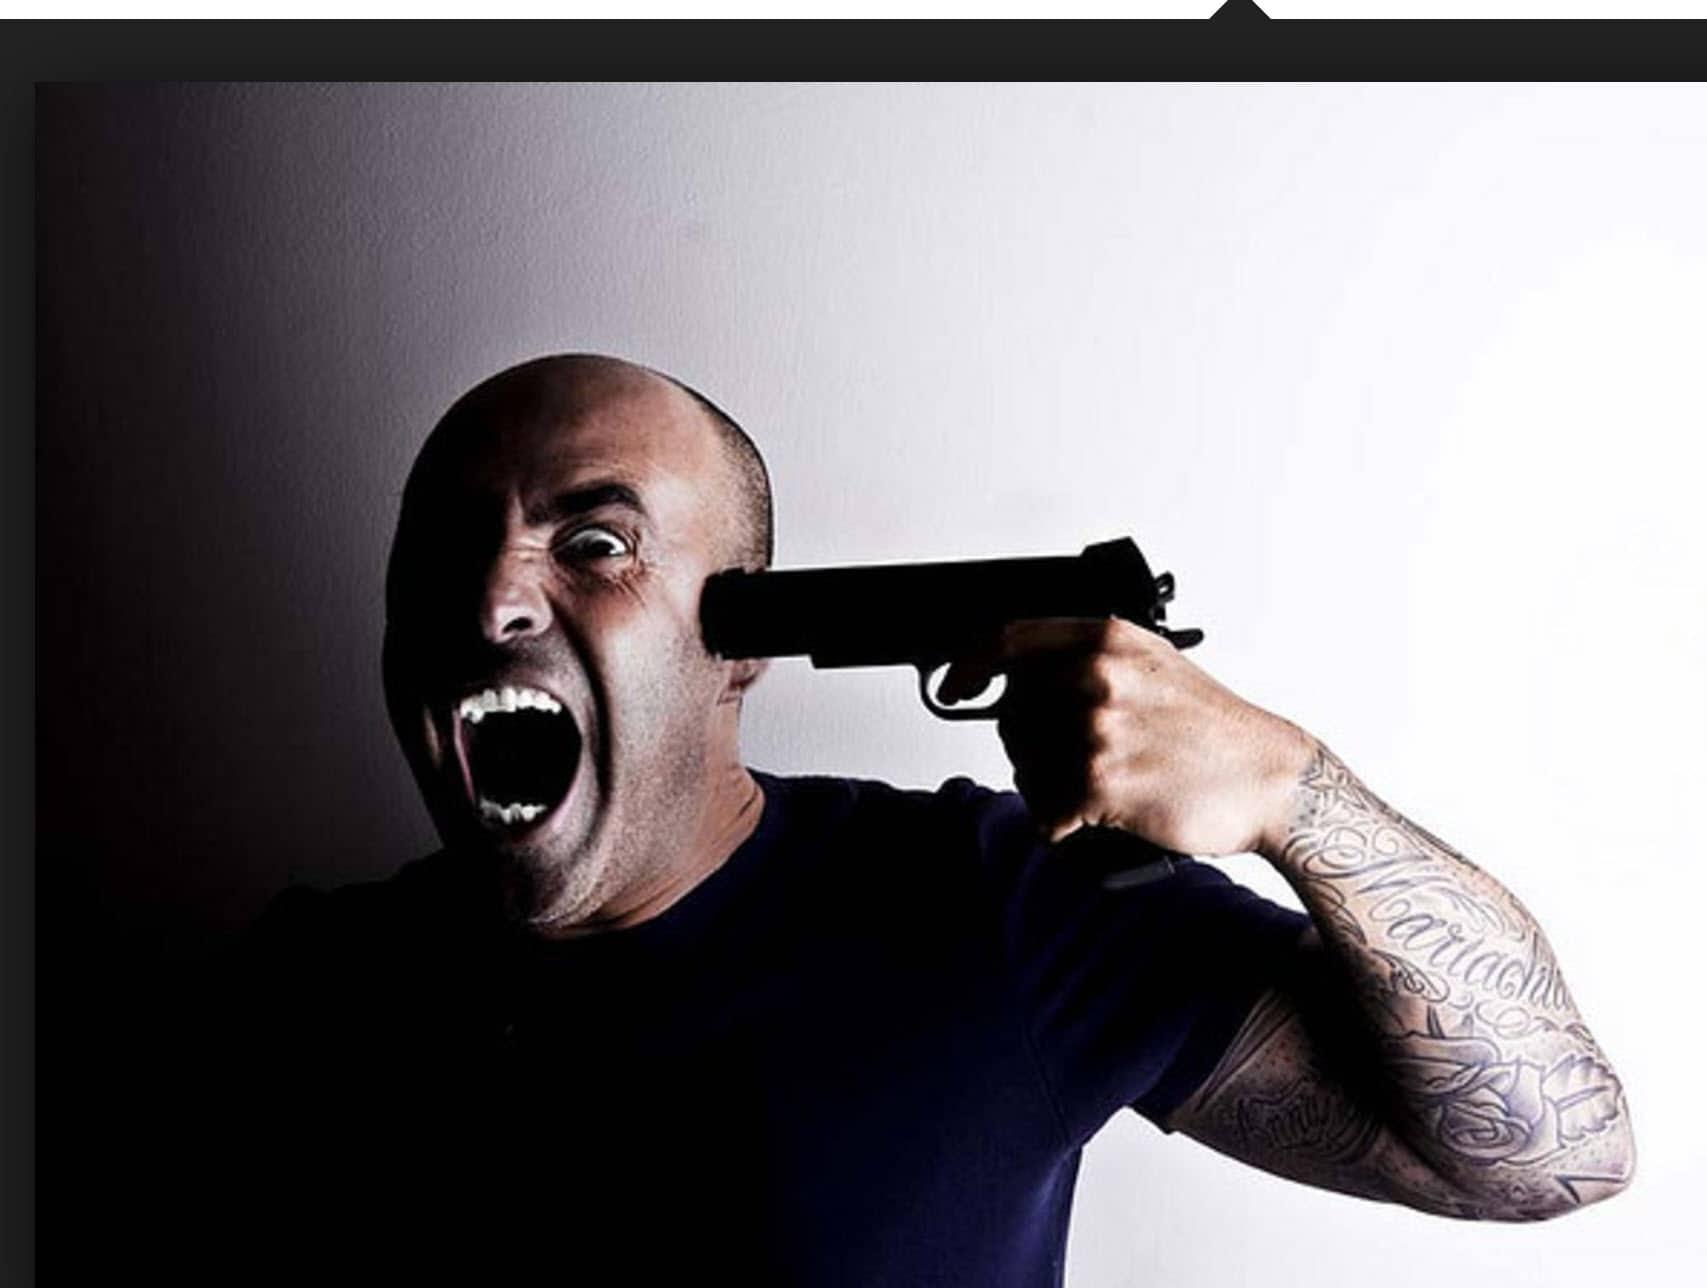 gun blowing.jpg